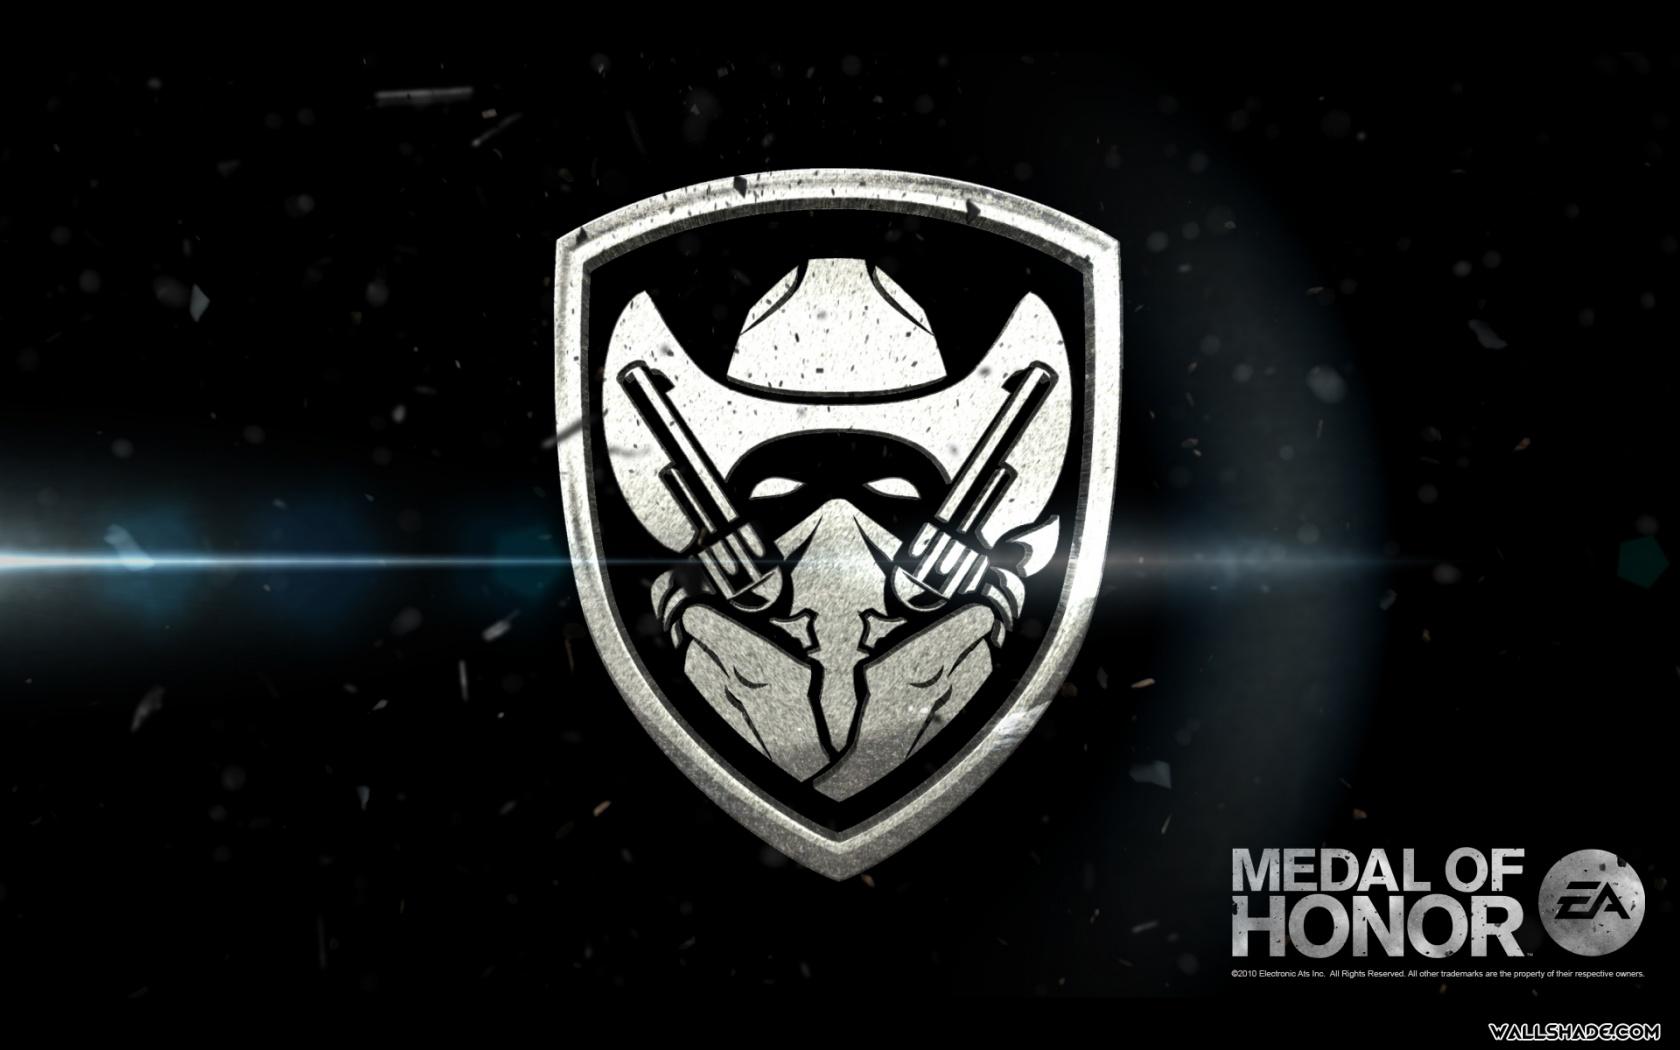 Medal of honor desktop wallpapers wallpapersafari - Gunfighter wallpaper ...